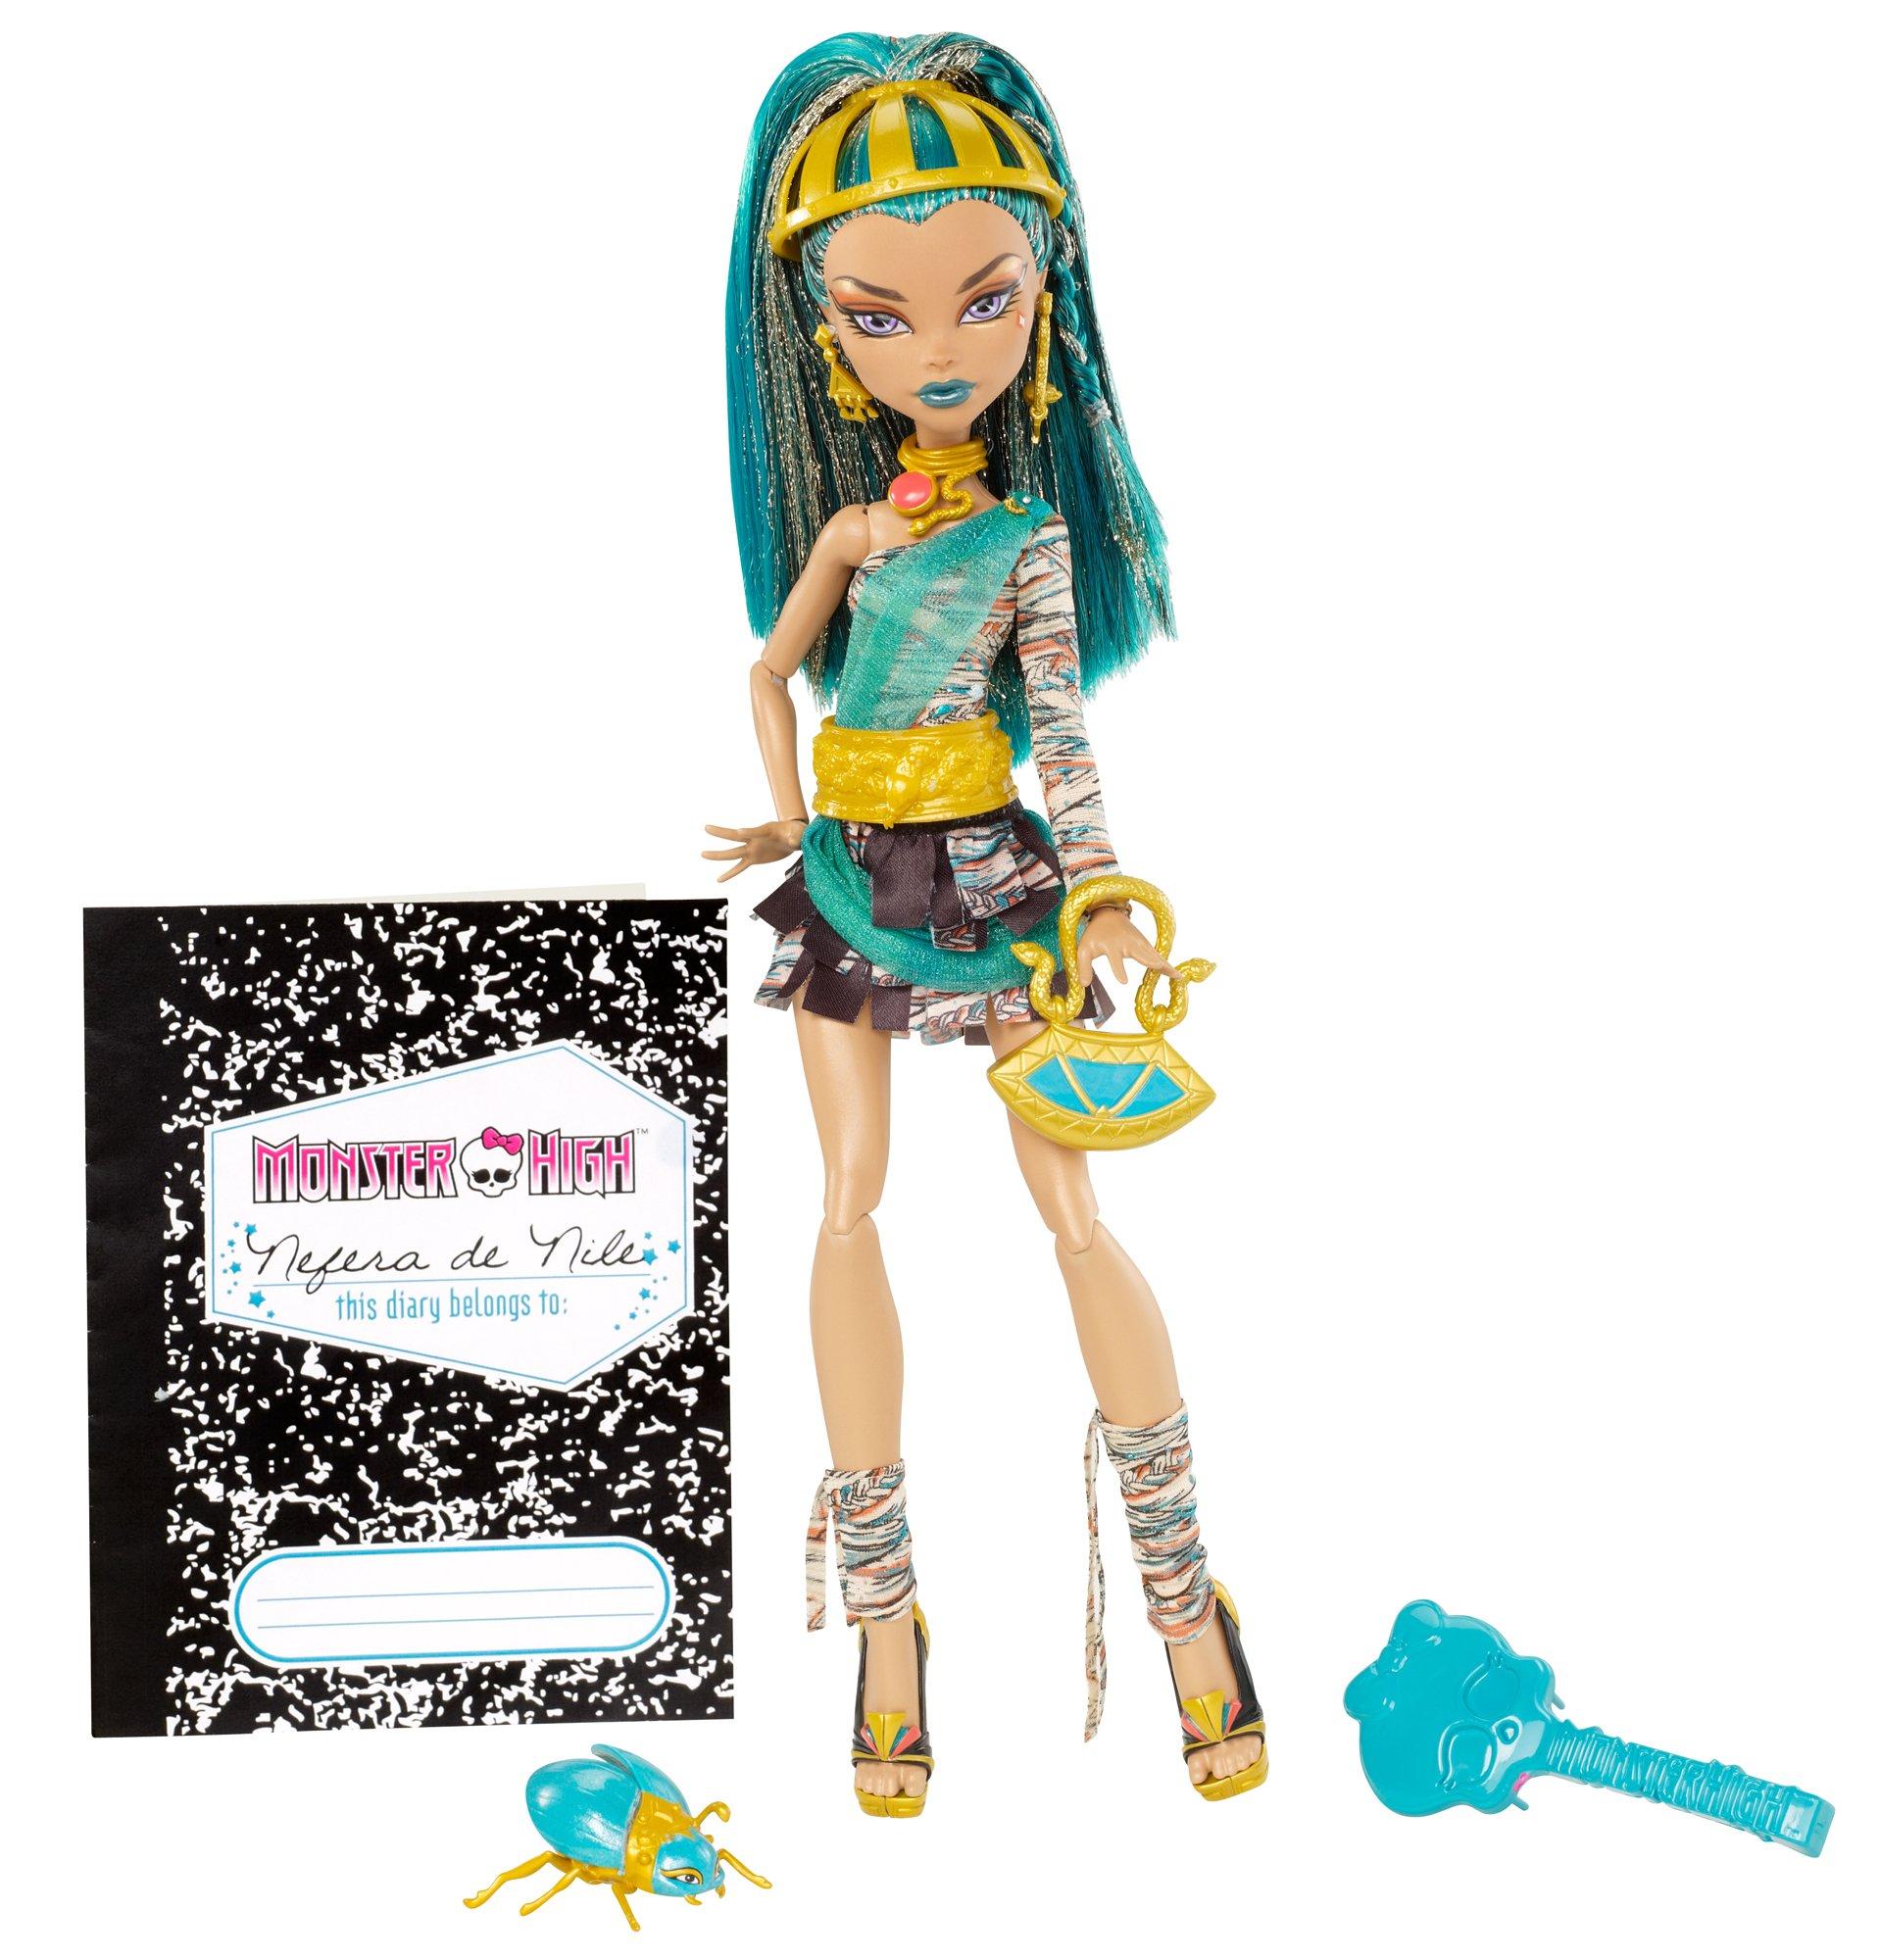 Mattel Monster High Nefera De Nile Doll Buy Online In Brunei At Brunei Desertcart Com Productid 58347312